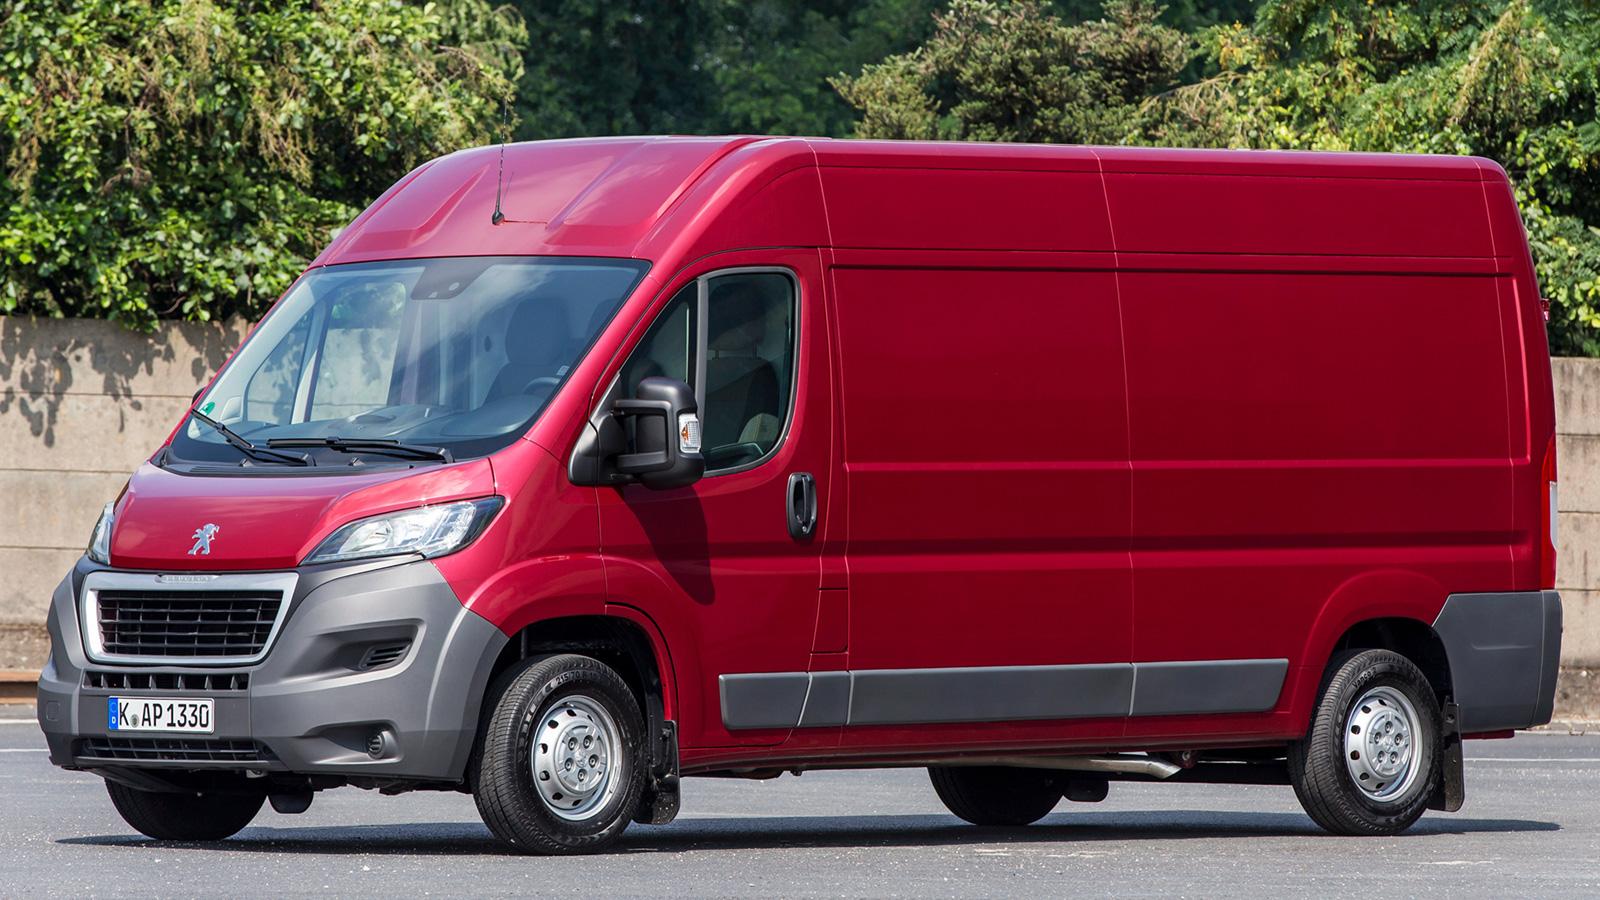 пежо боксер грузовой фургон технические характеристики